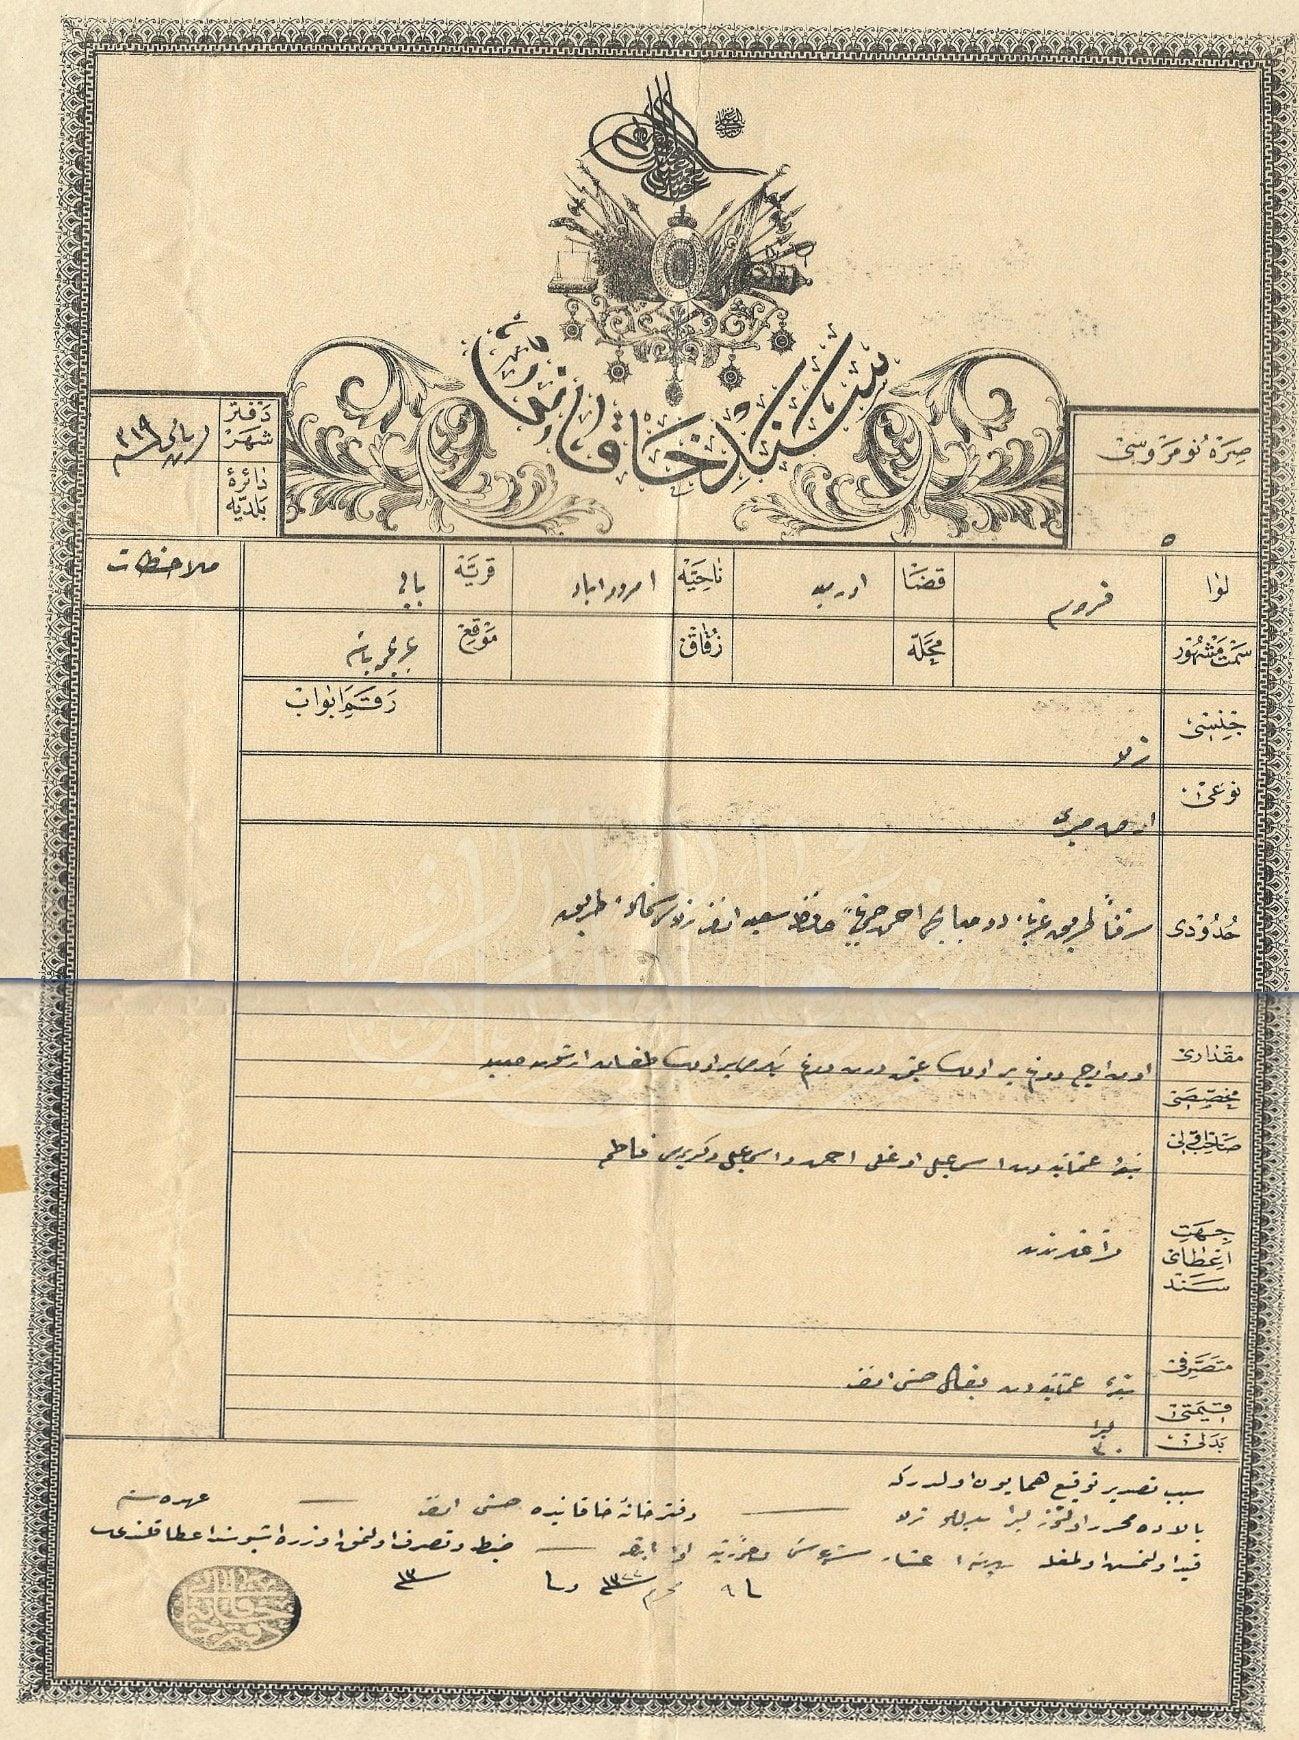 Osmanlı Tapu örneği